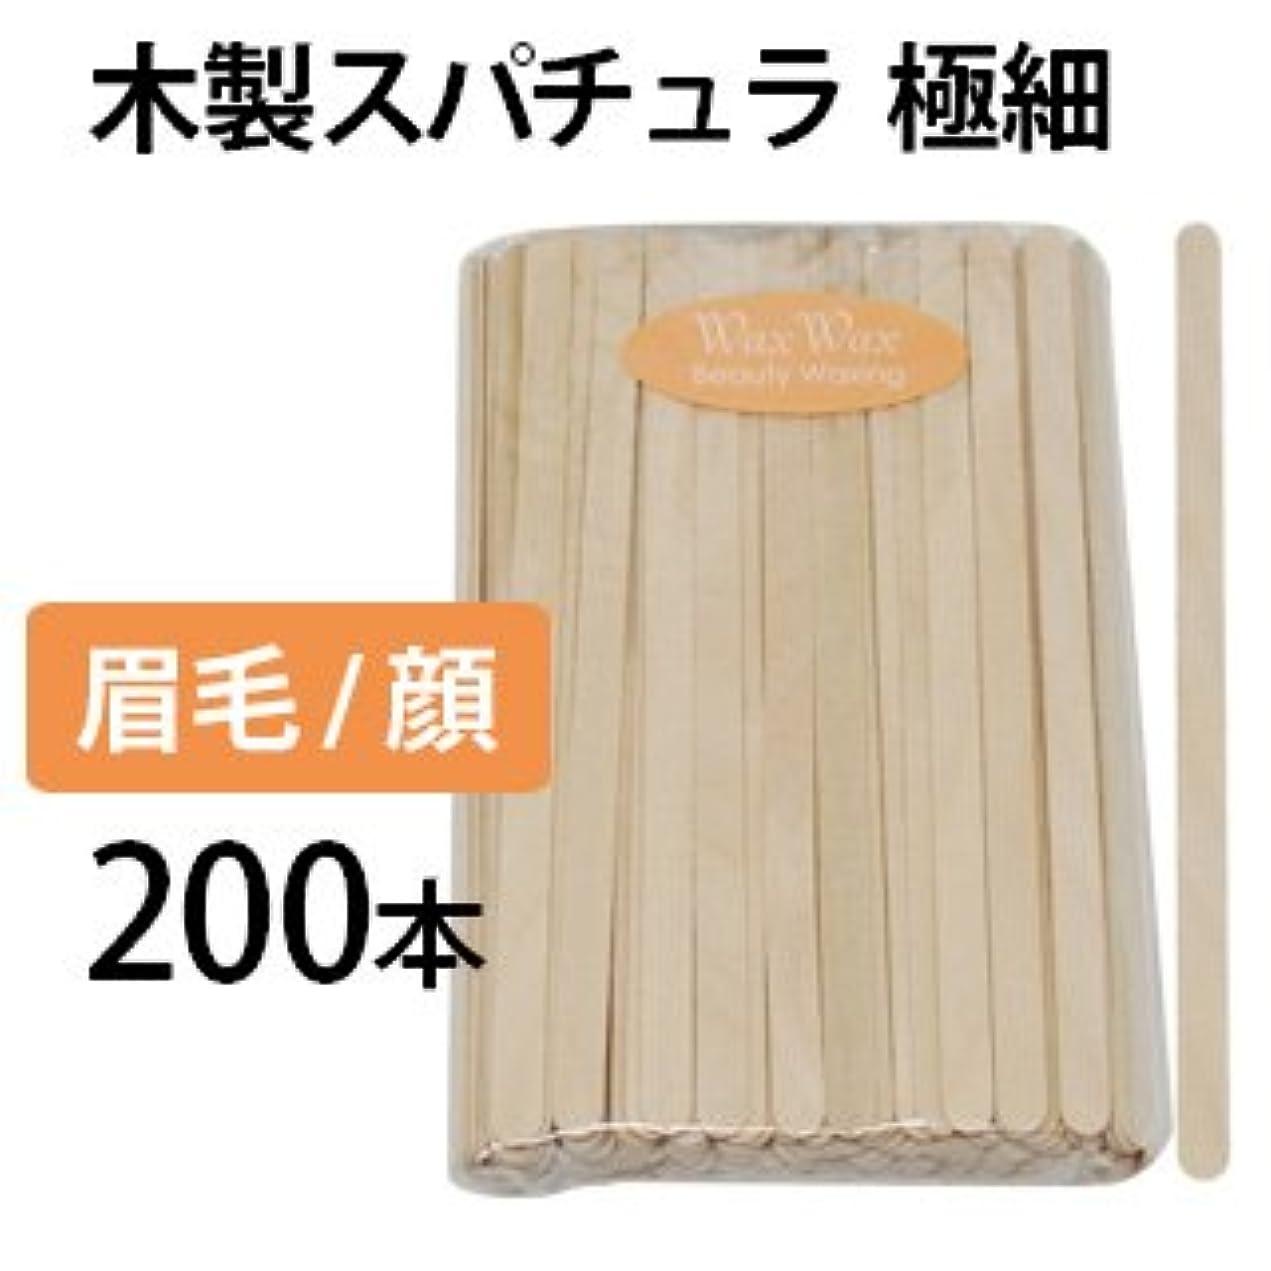 ピラミッドホステス遷移眉毛 アイブロウ用スパチュラ 200本セット 極細 木製スパチュラ 使い捨て